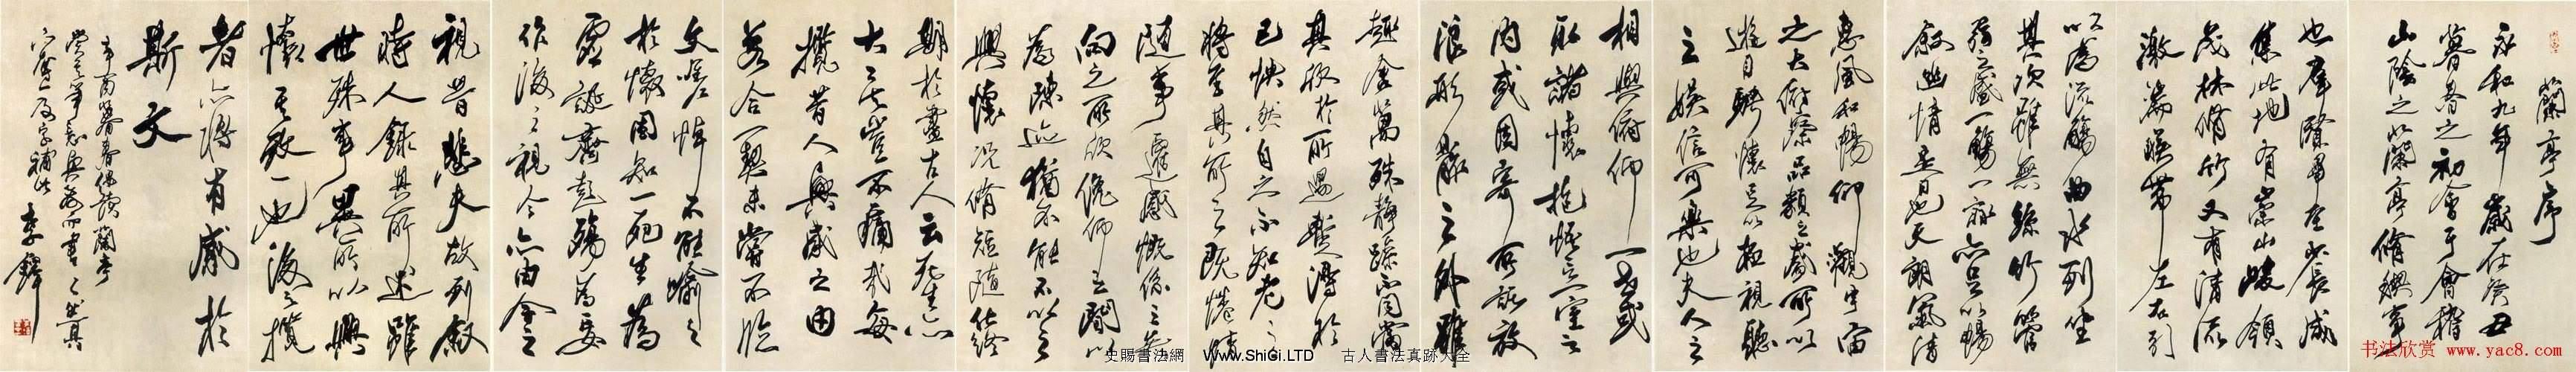 李鐸臨蘭亭序書法作品真跡欣賞(共12張圖片)